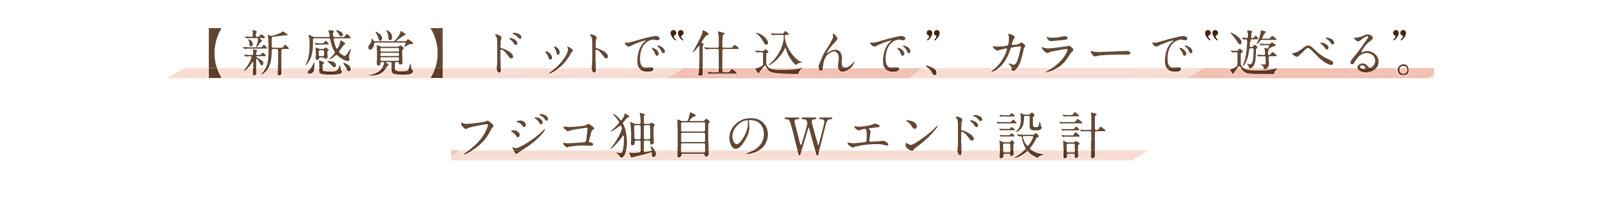 """【新感覚】ドットで仕込んで、カラーで""""遊べる""""。フジコ独自のWエンド設計"""